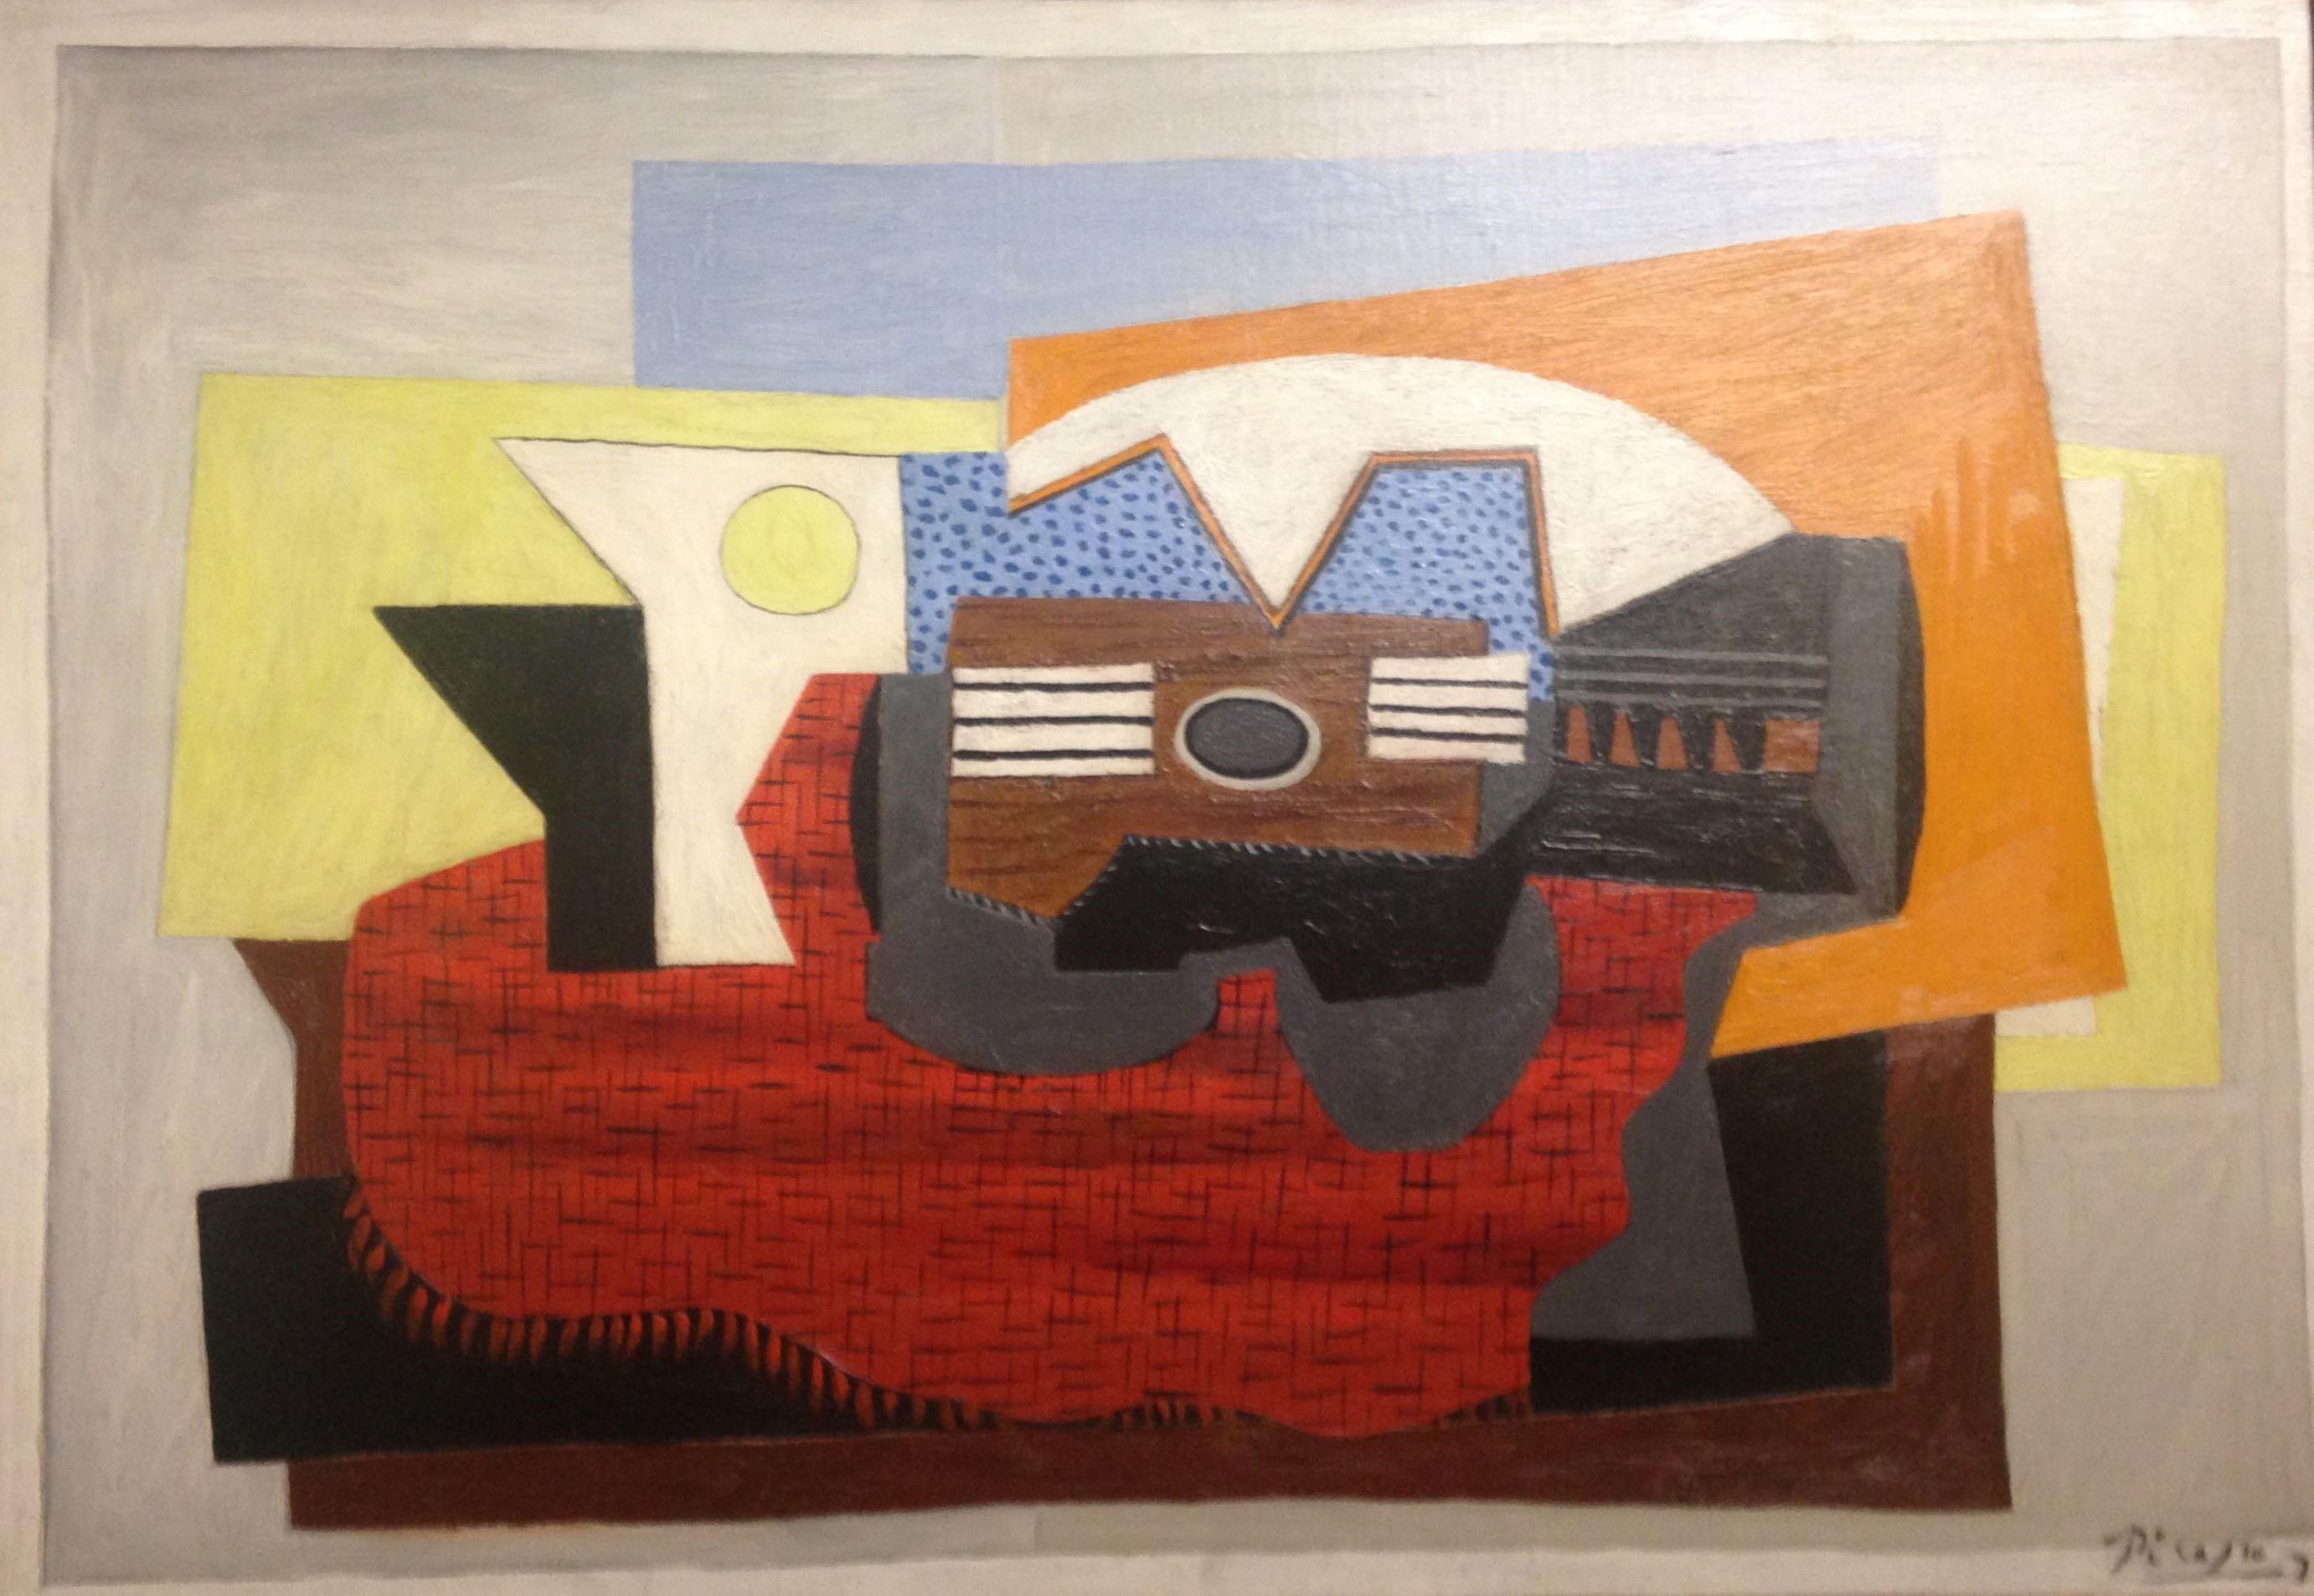 19ème billet du blog FrancescArts | L'exposition « 21 rue la Boétie » au Musée Maillol. 1 2